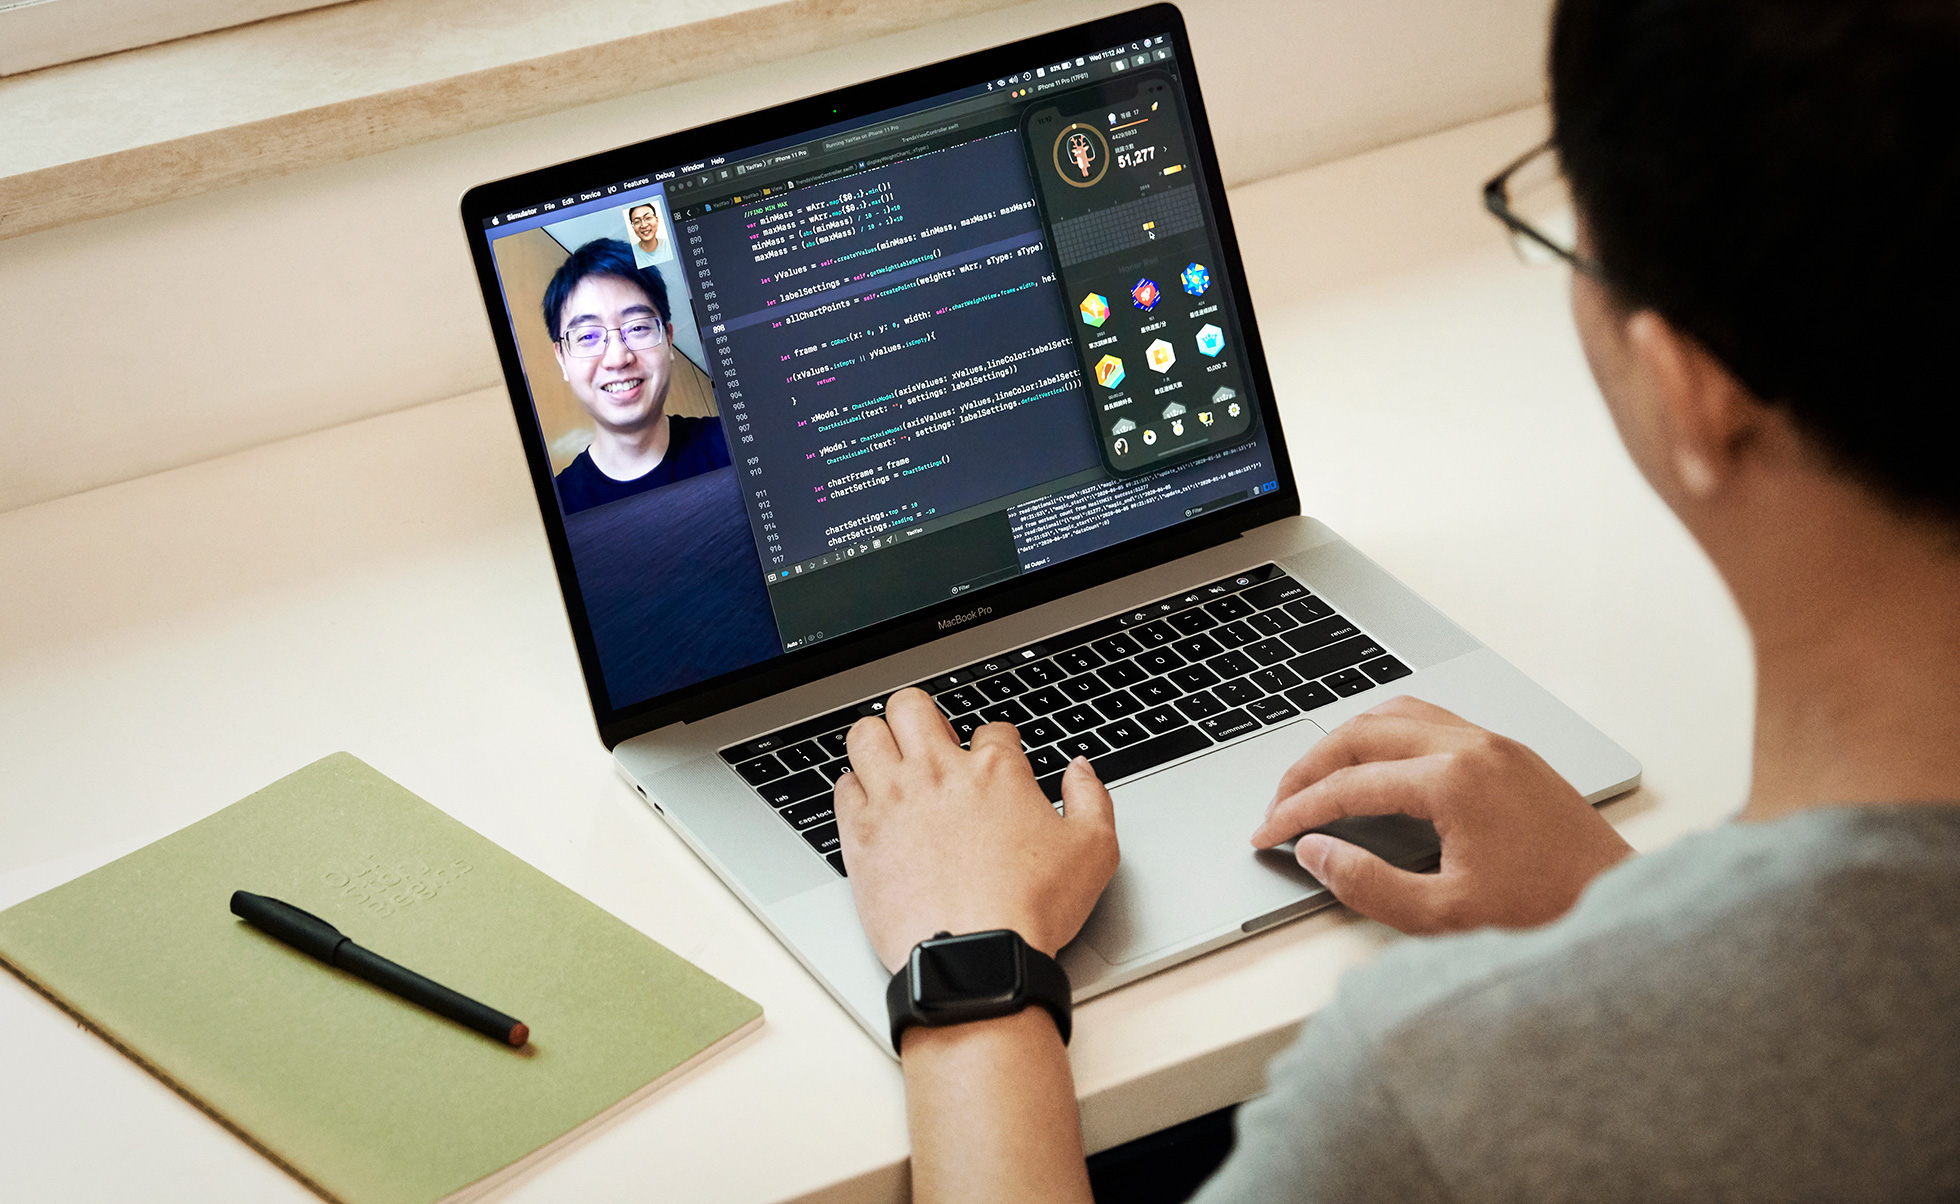 App 开发者故事汪家浩 WWDC 孕育解决问题的新 app